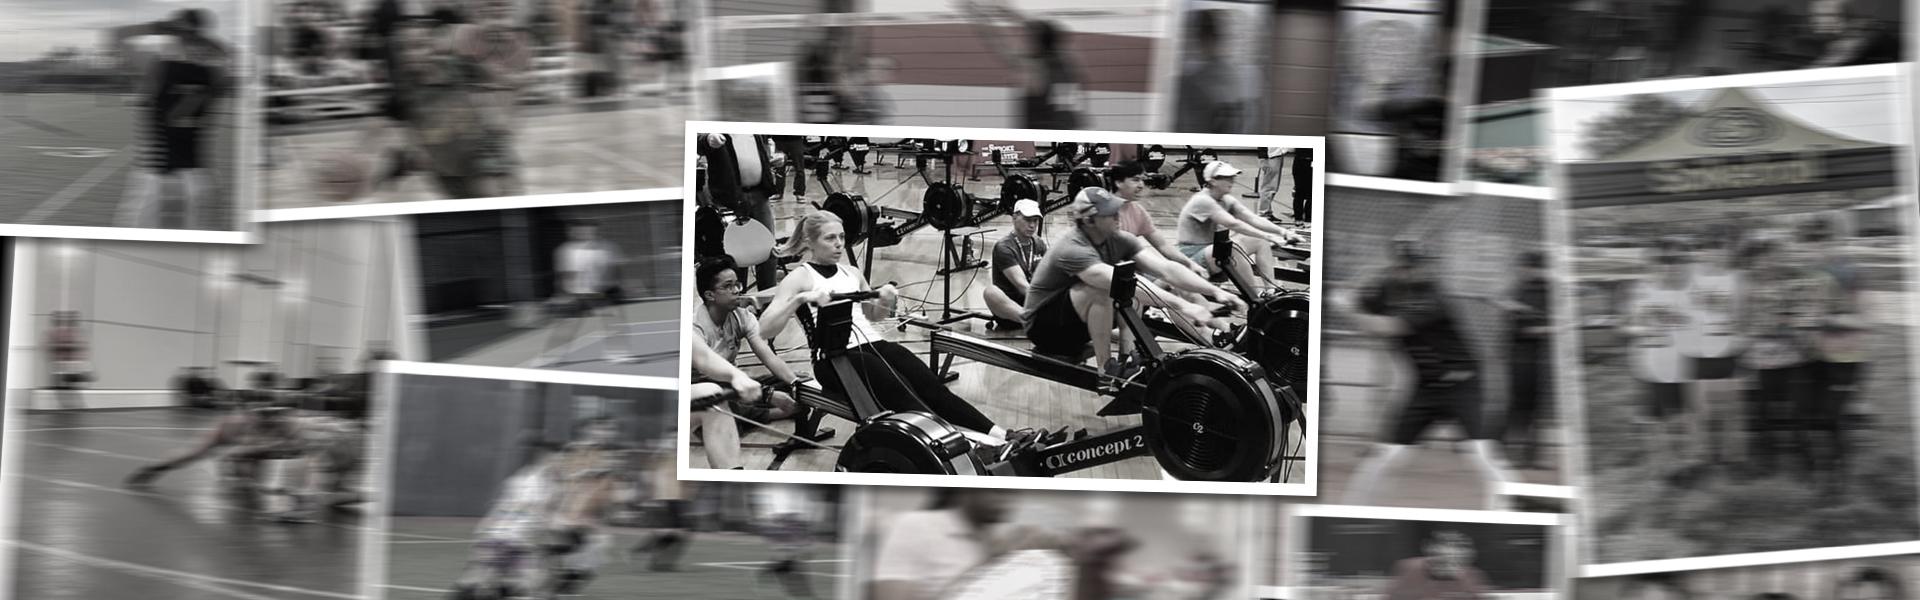 Indoor Rowing - 2022